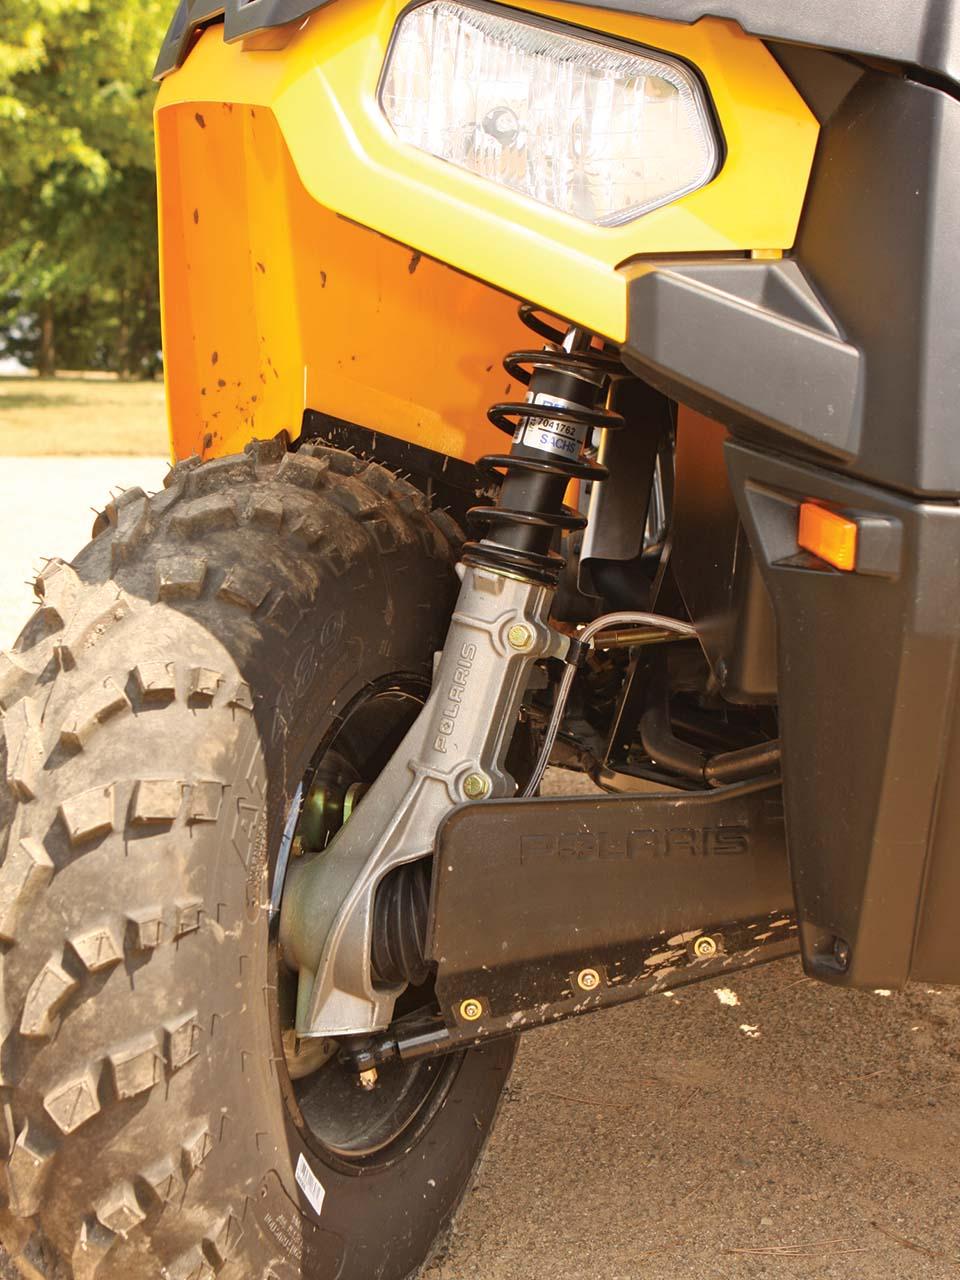 medium resolution of 2012 polaris sportsman500ho close up front suspension jpg